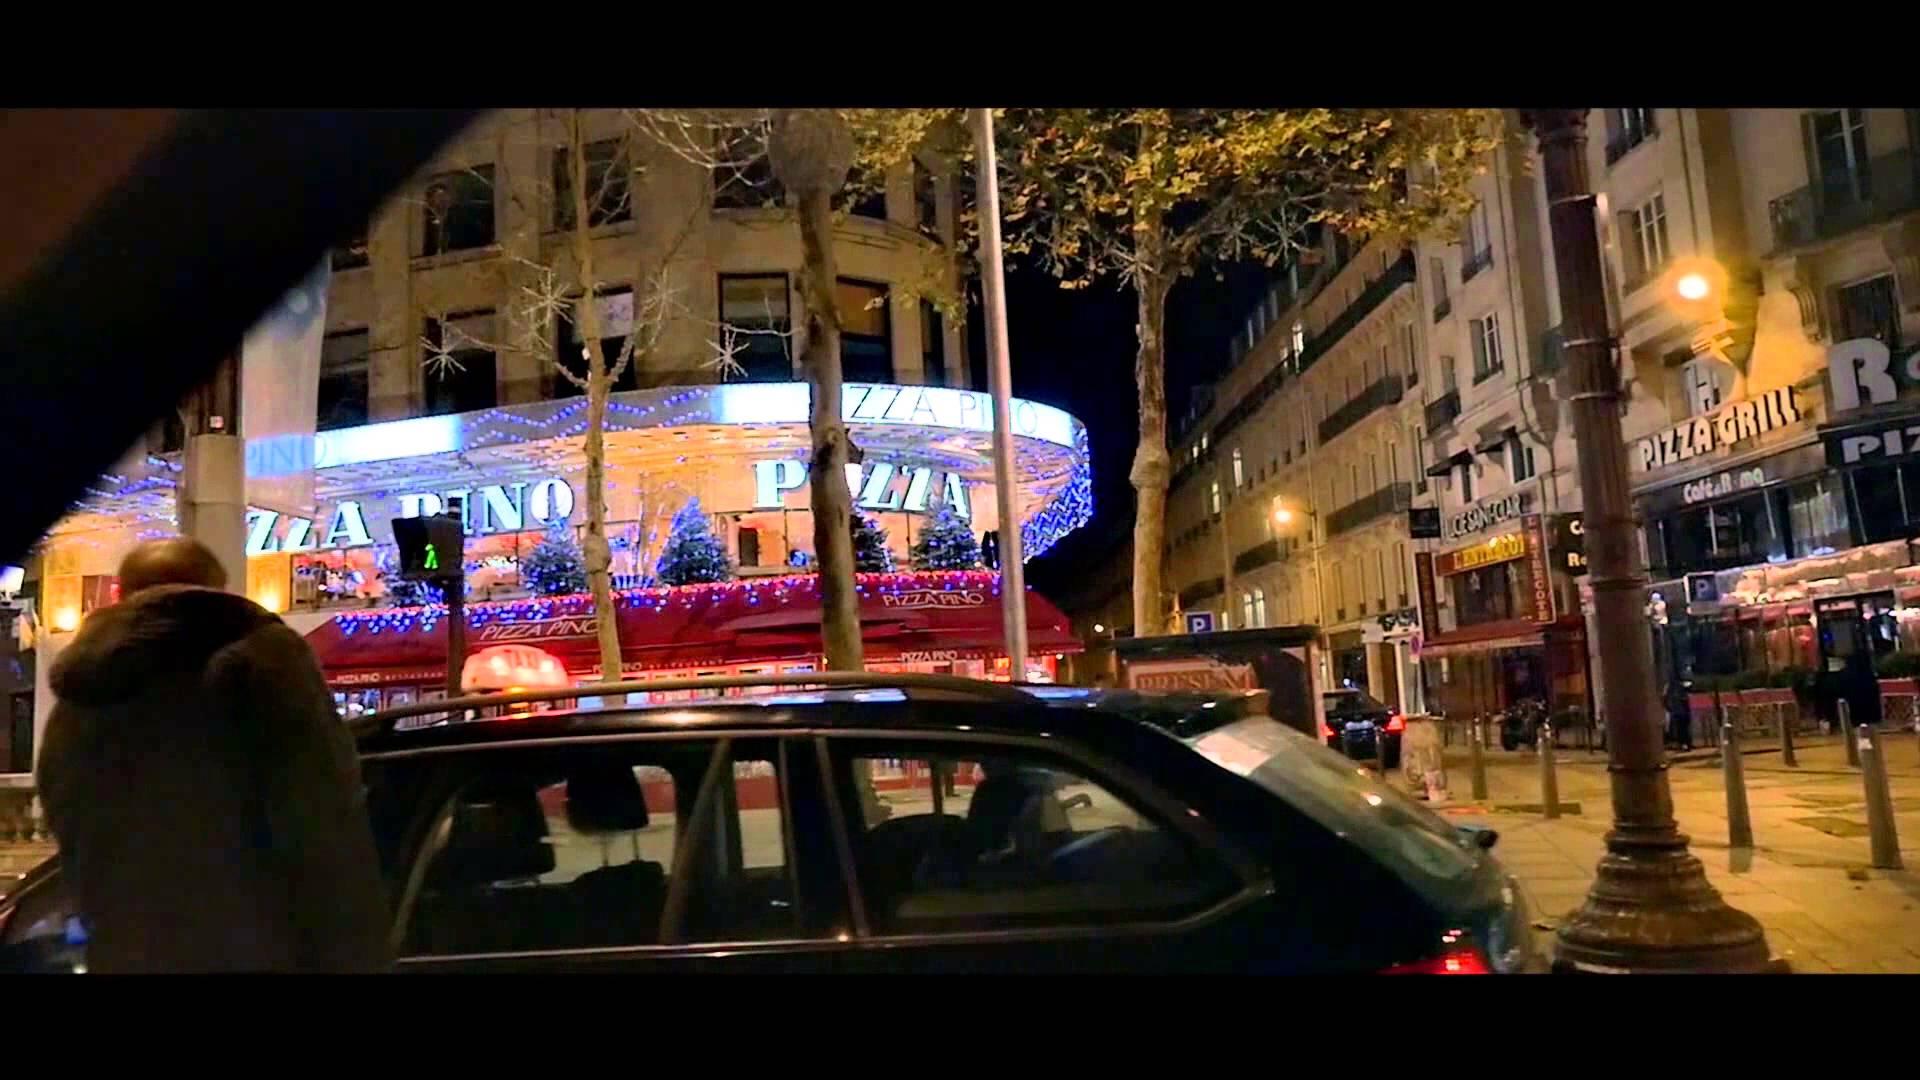 Alain 2 L'Ombre (A2L) – Après minuit (remix)